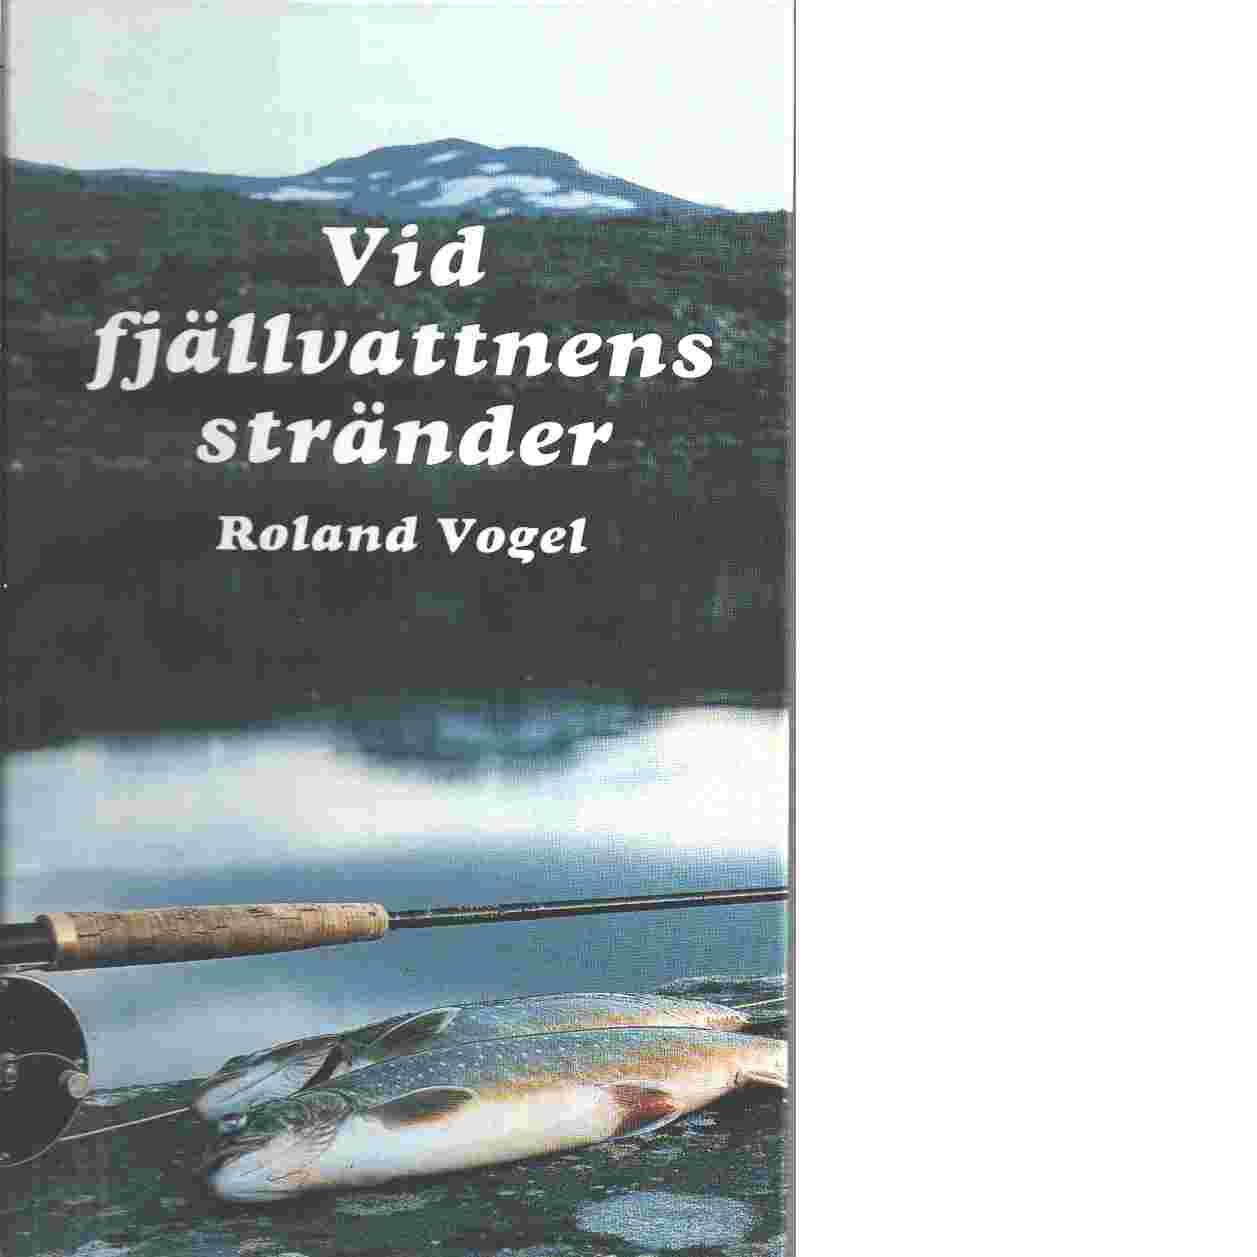 Vid fjällvattnens stränder - Vogel, Roland